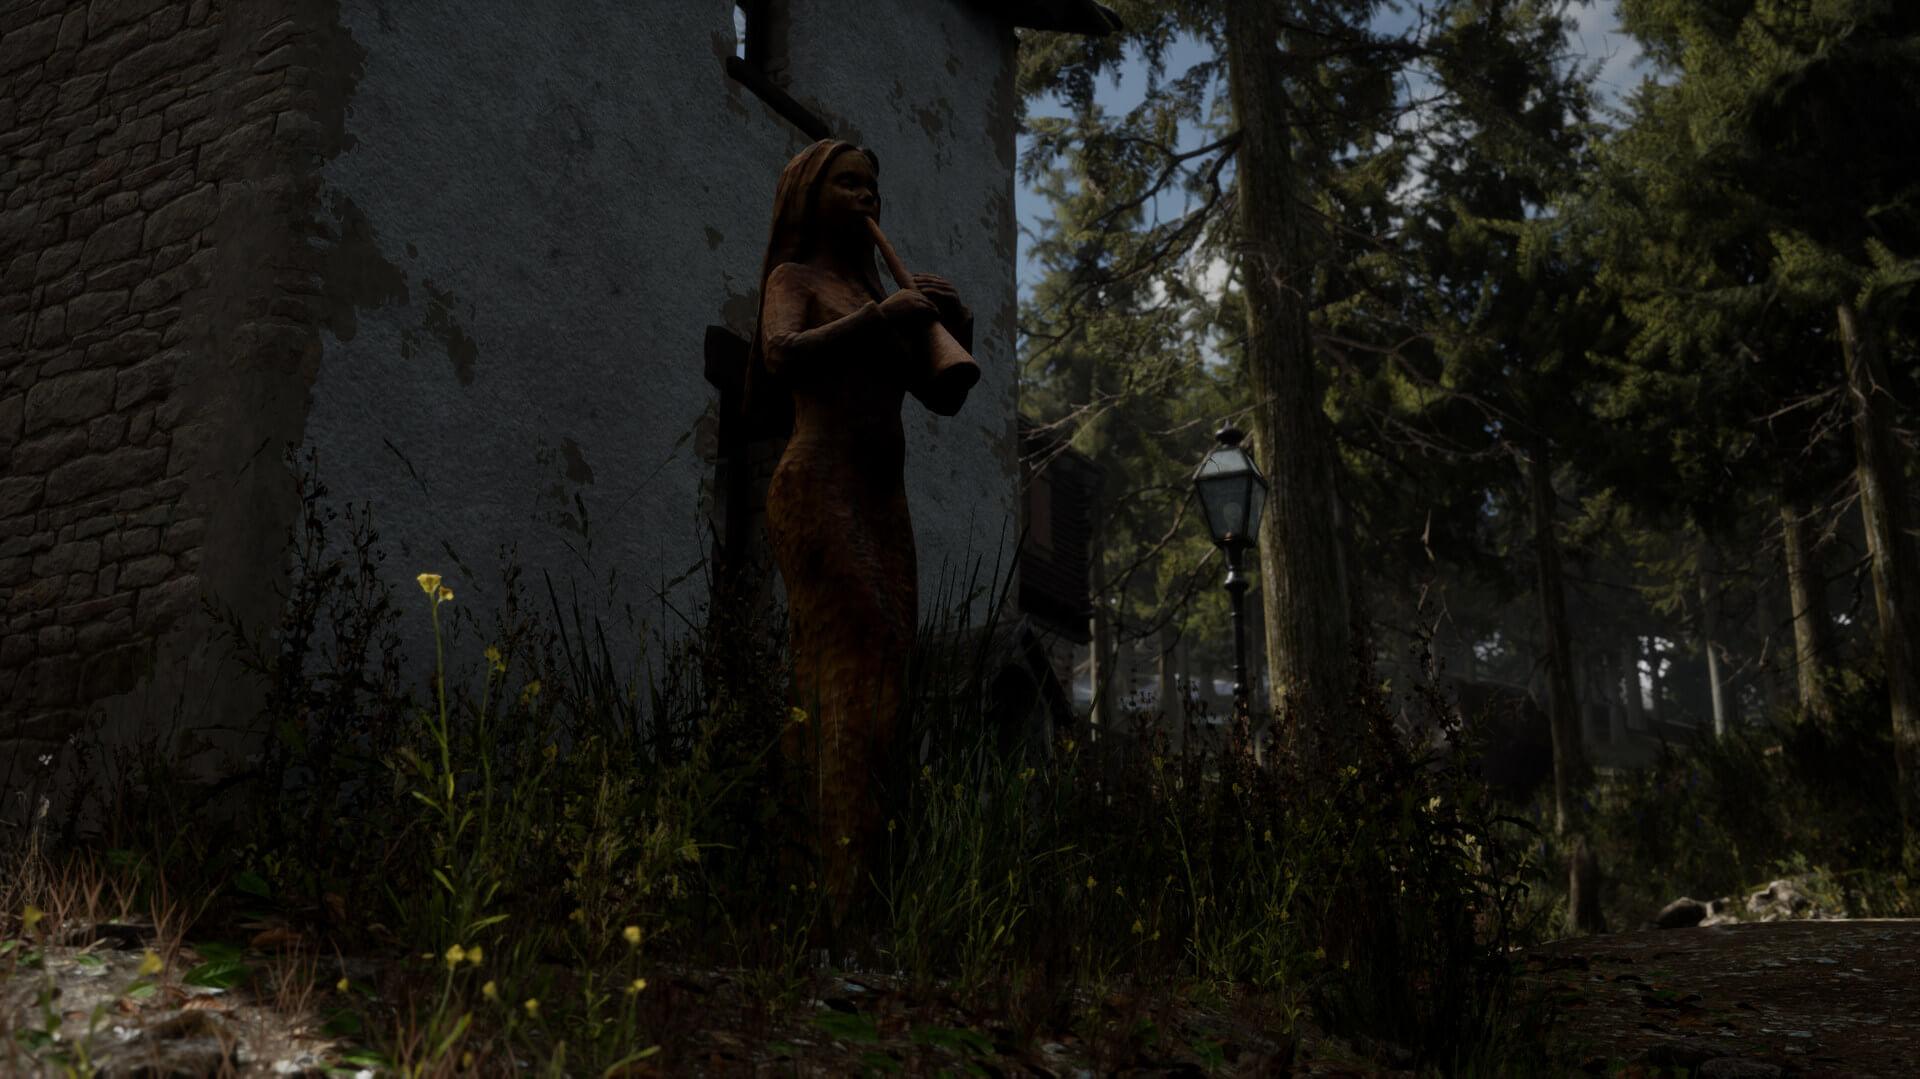 恐怖游戏《Nascence》新截图 诡异小镇风景优美